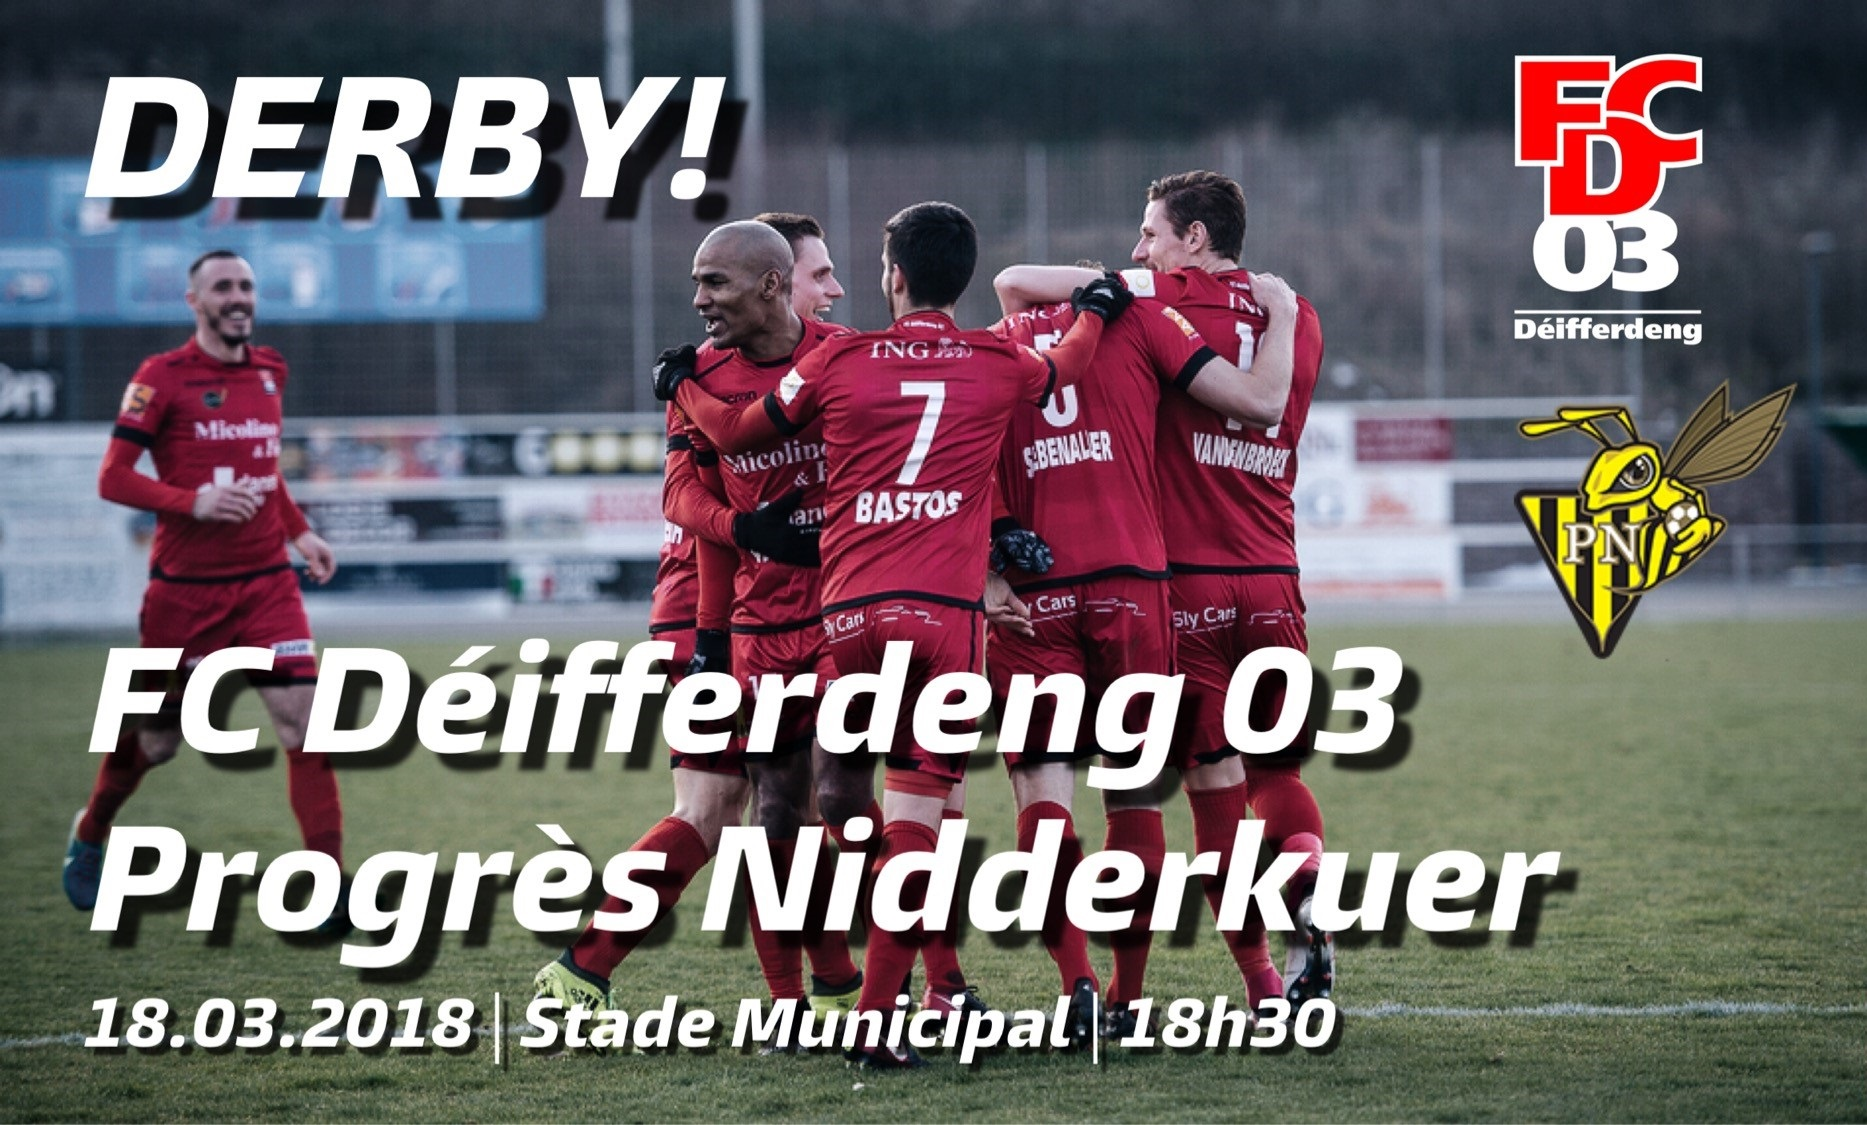 DERBY   FCD03 - PN